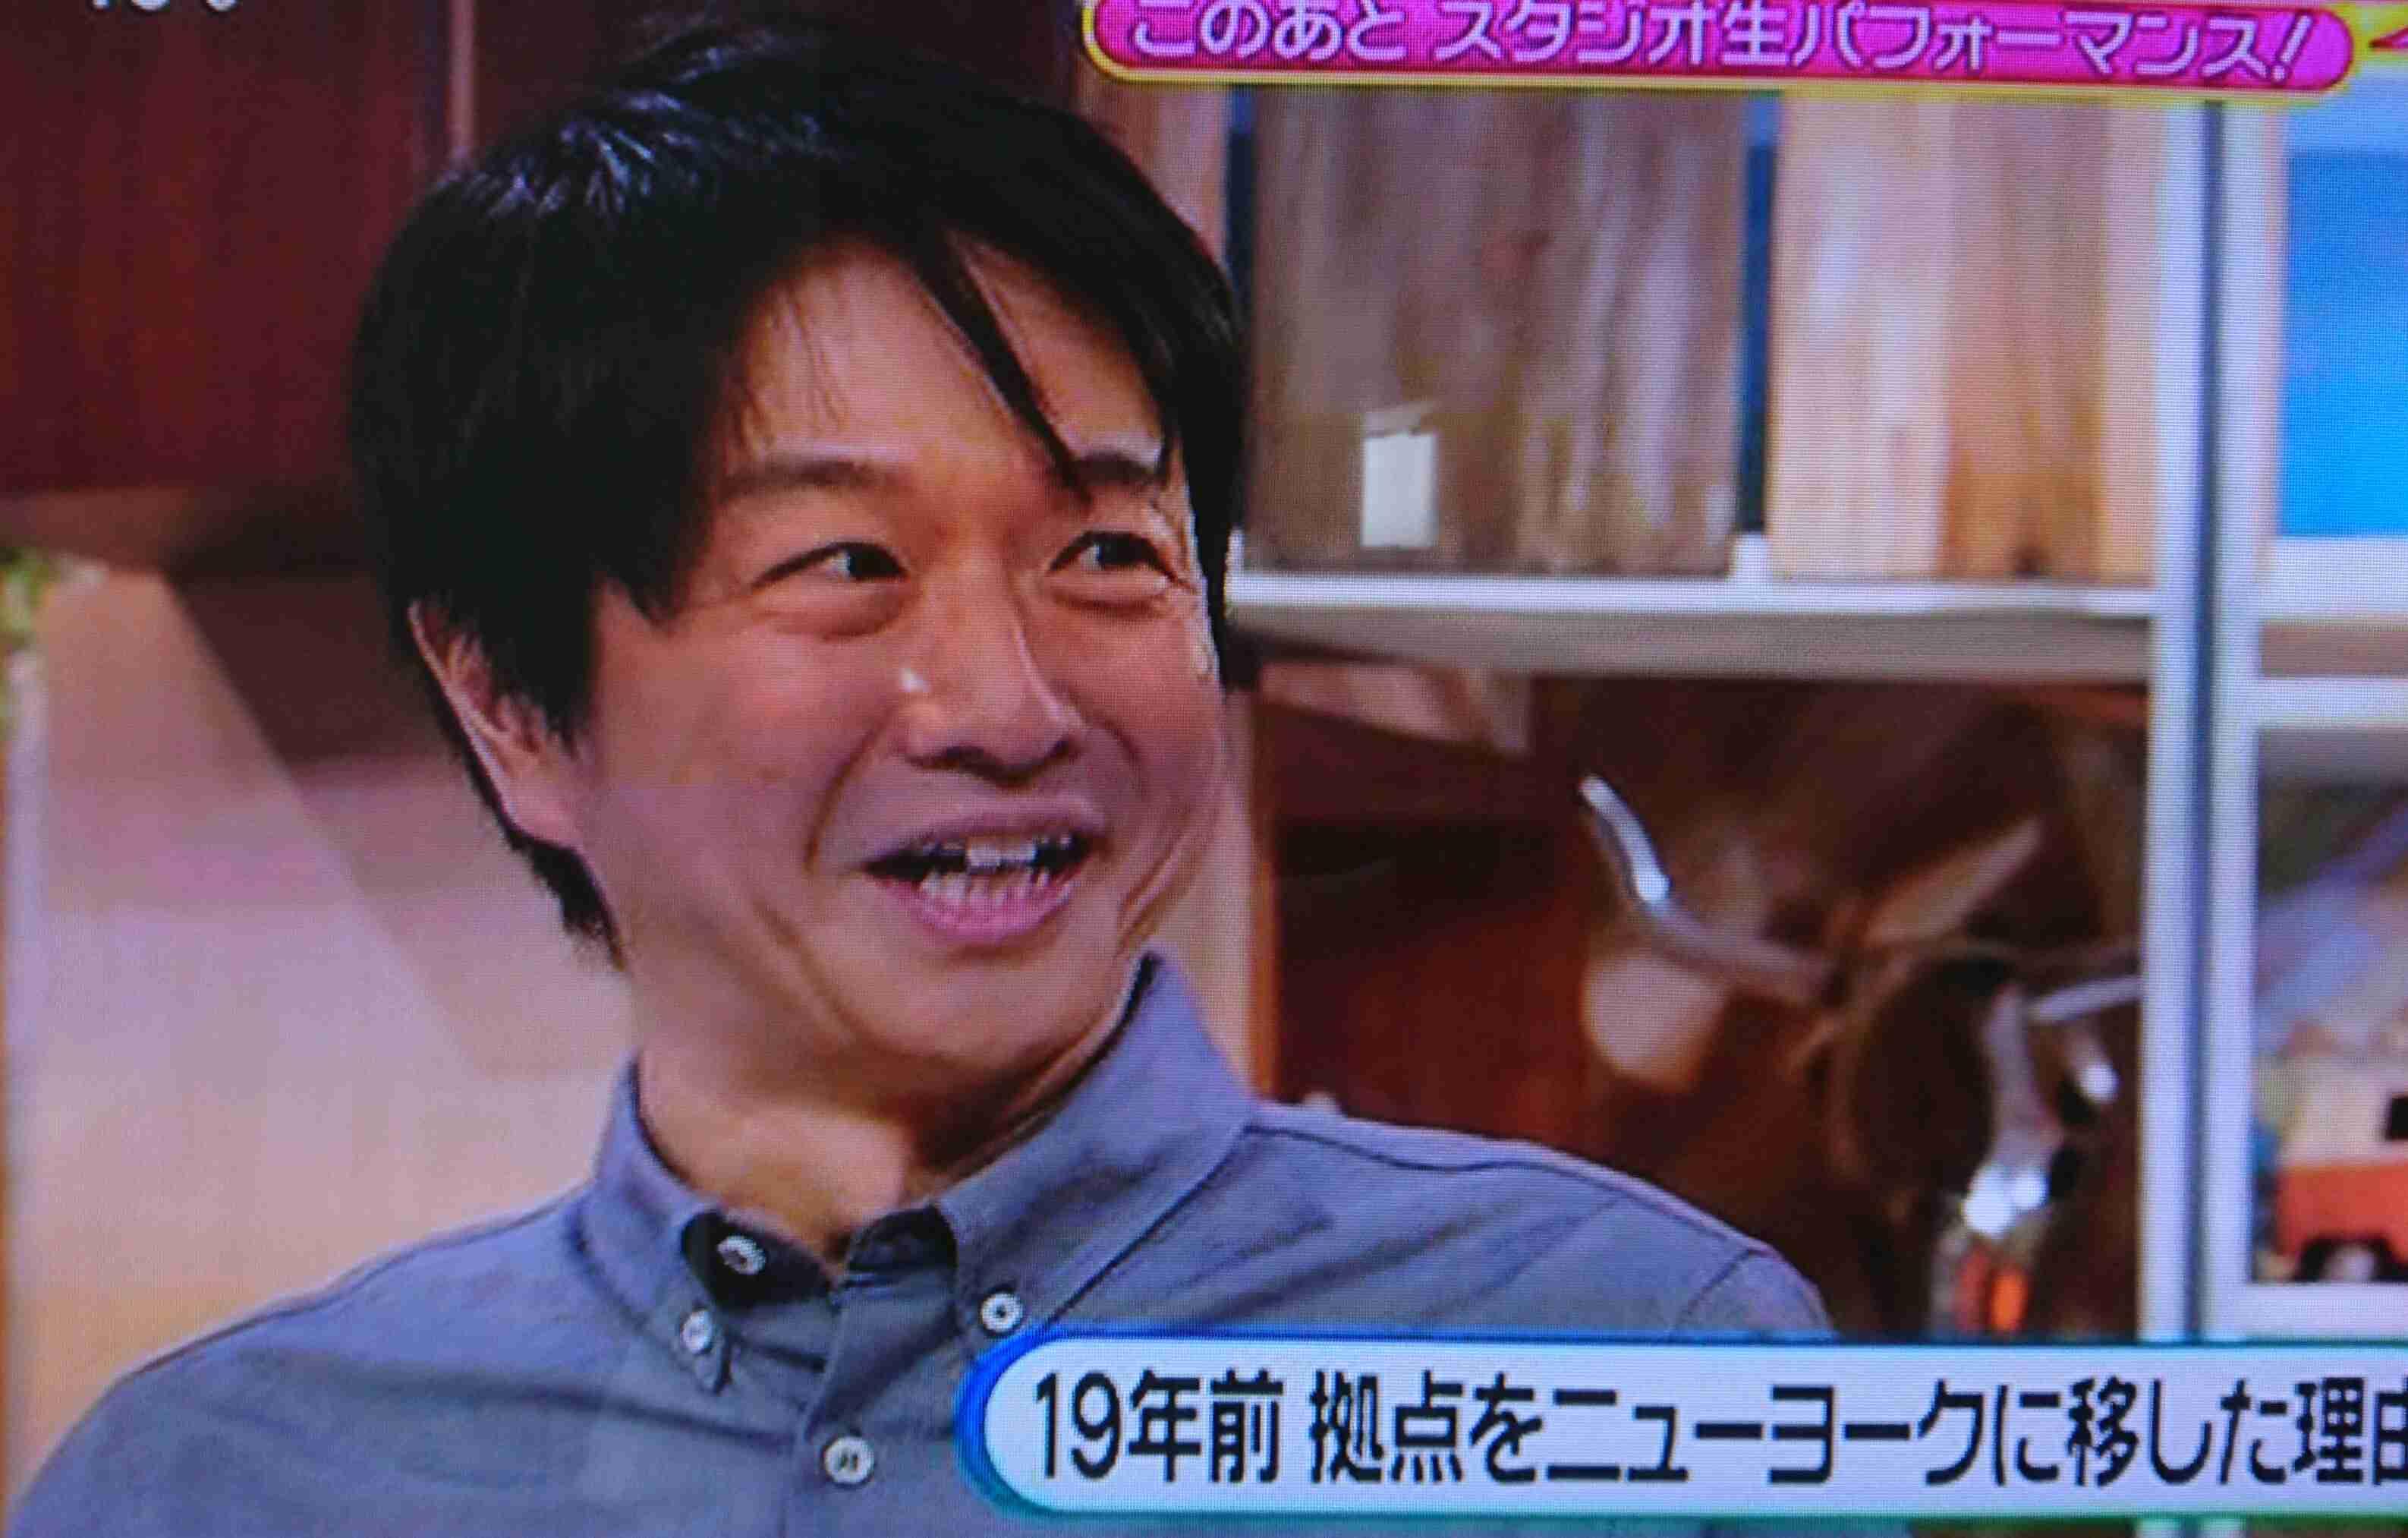 【オリコン】小沢健二、20年半ぶりTOP10